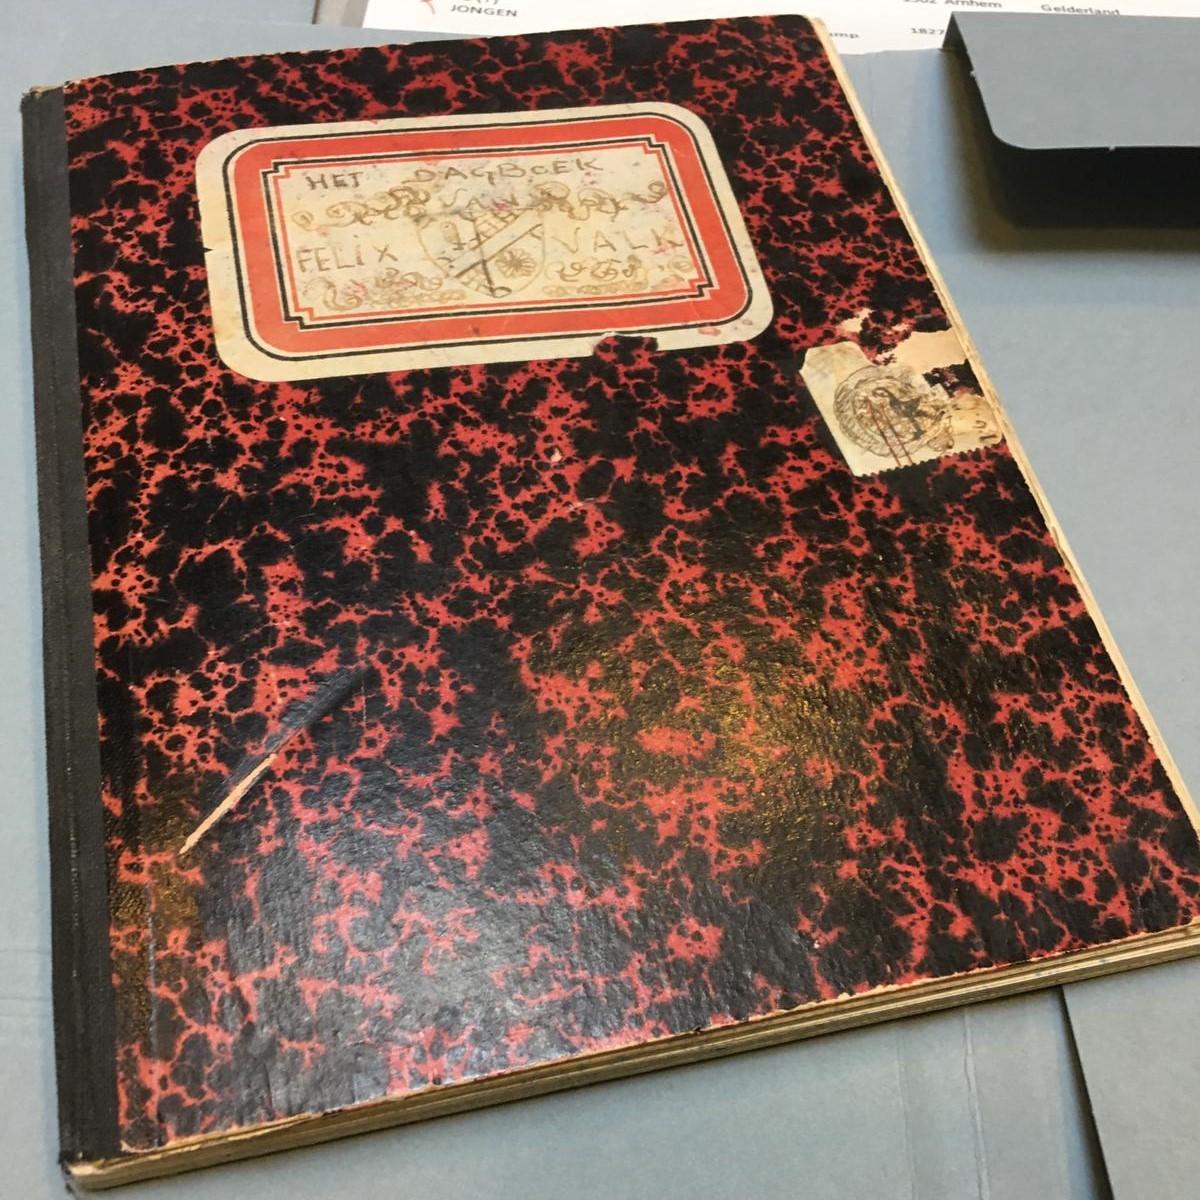 Het dagboek van Felix Valk - Oorlog in inkt